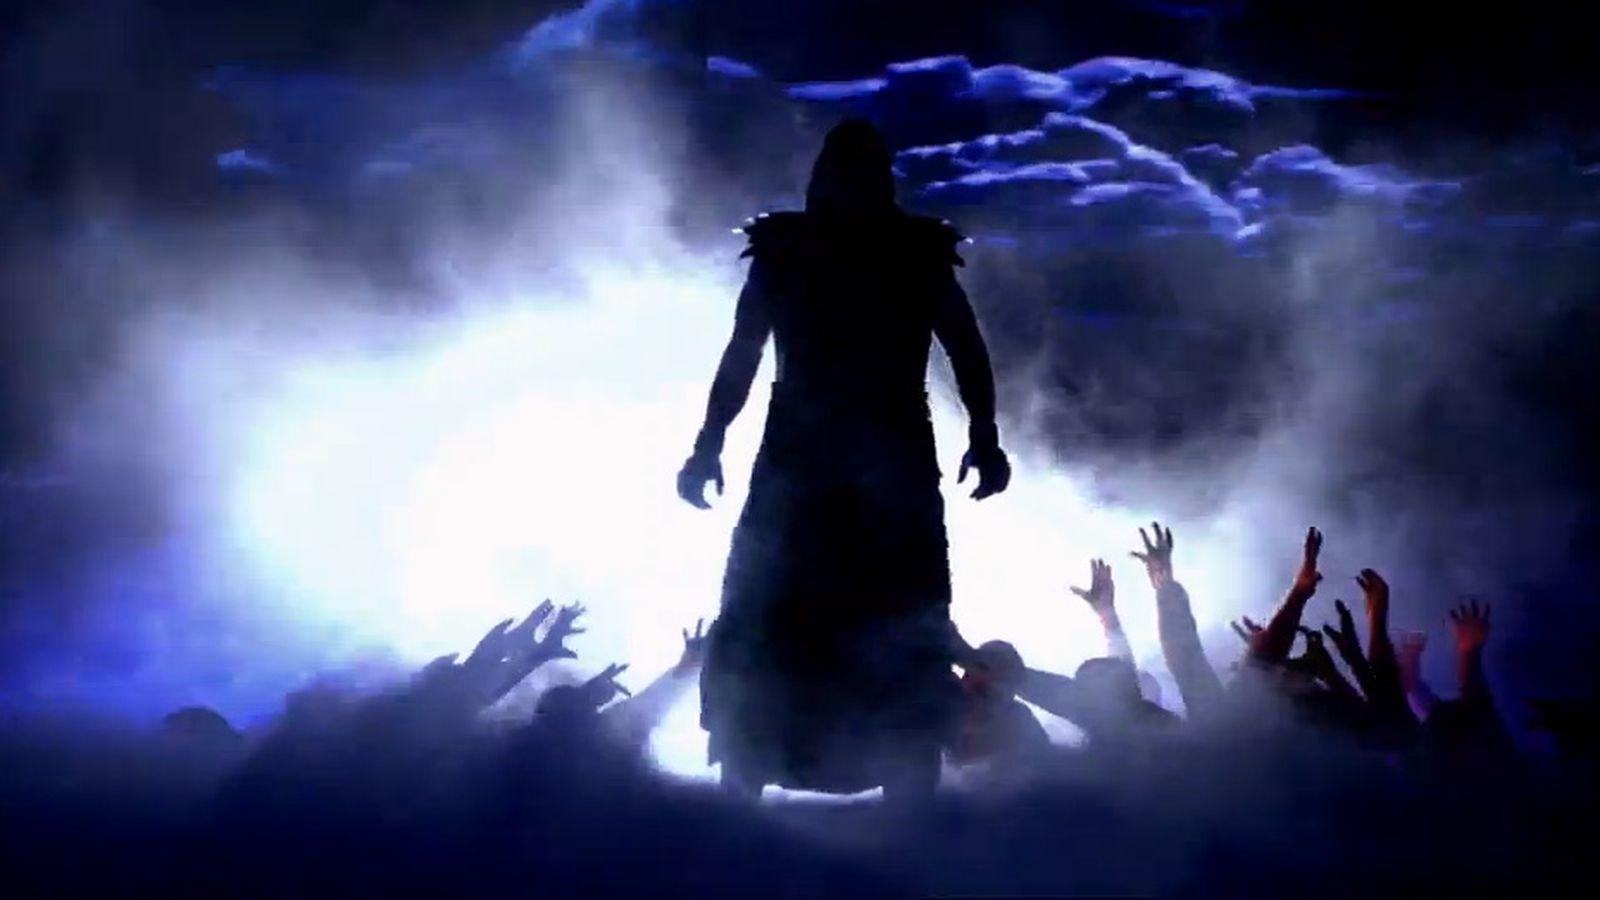 Aj 3d Wallpaper Rumor Roundup June 2 2016 Undertaker Return Sasha